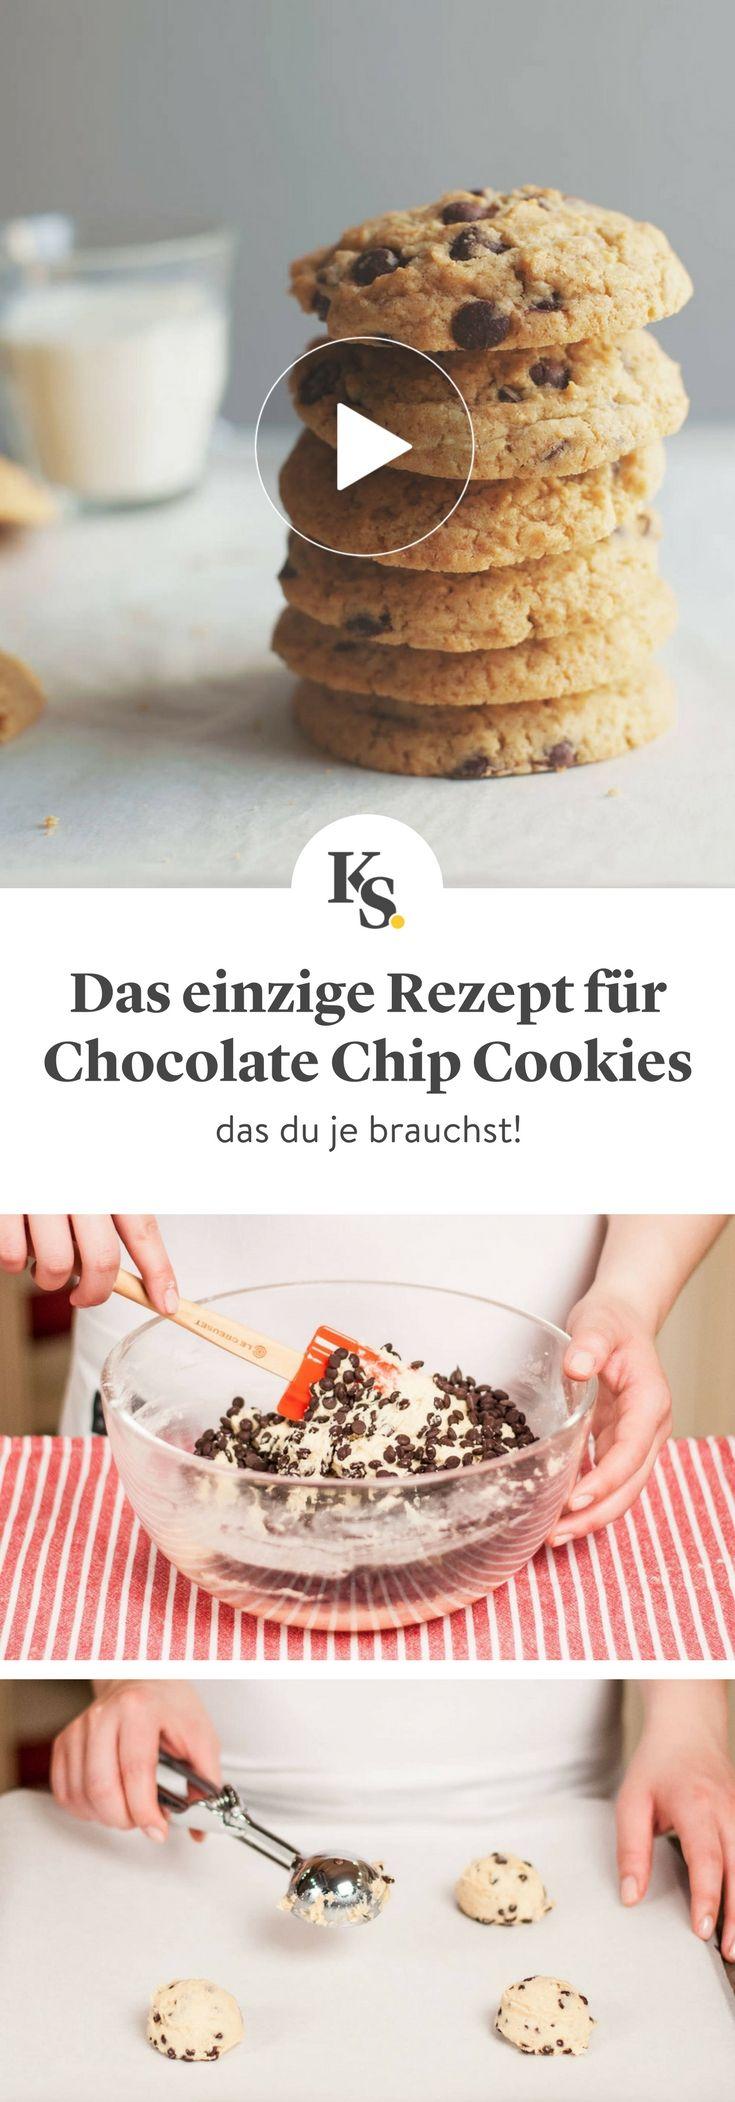 #cookies #kekse #chocolatechipcookies  Es gibt viele Rezepte für die perfekten Chocolatechip Cookies auf Pinterest, aber dieses hier ist das beste und das einzige, das du je brauchen wirst! Überzeuge dich selbst! #chocolatechipcookiedough